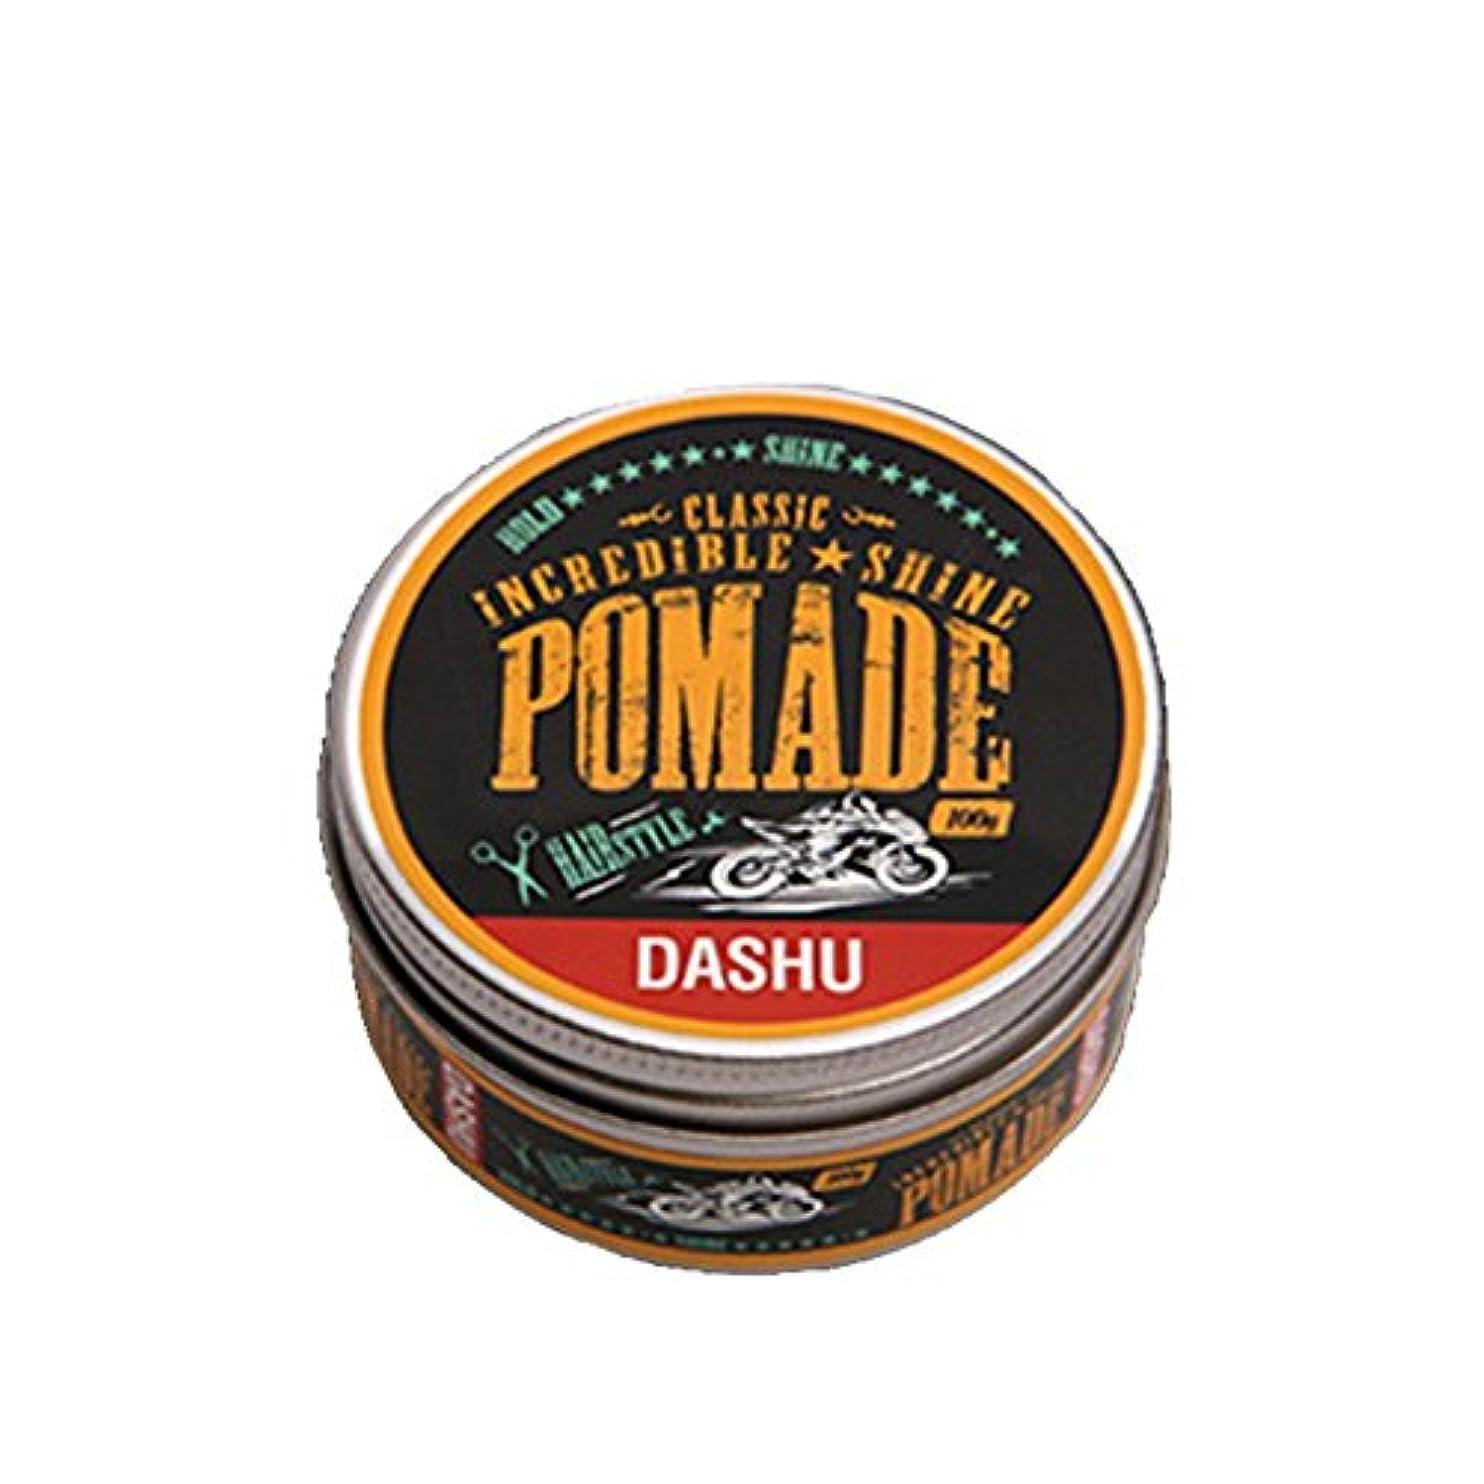 盲目買う年次[DASHU] ダシュ クラシック 信じられないほどの輝き ポマードワックス Classic Incredible Shine Pomade Hair Wax 100ml / 韓国製 . 韓国直送品